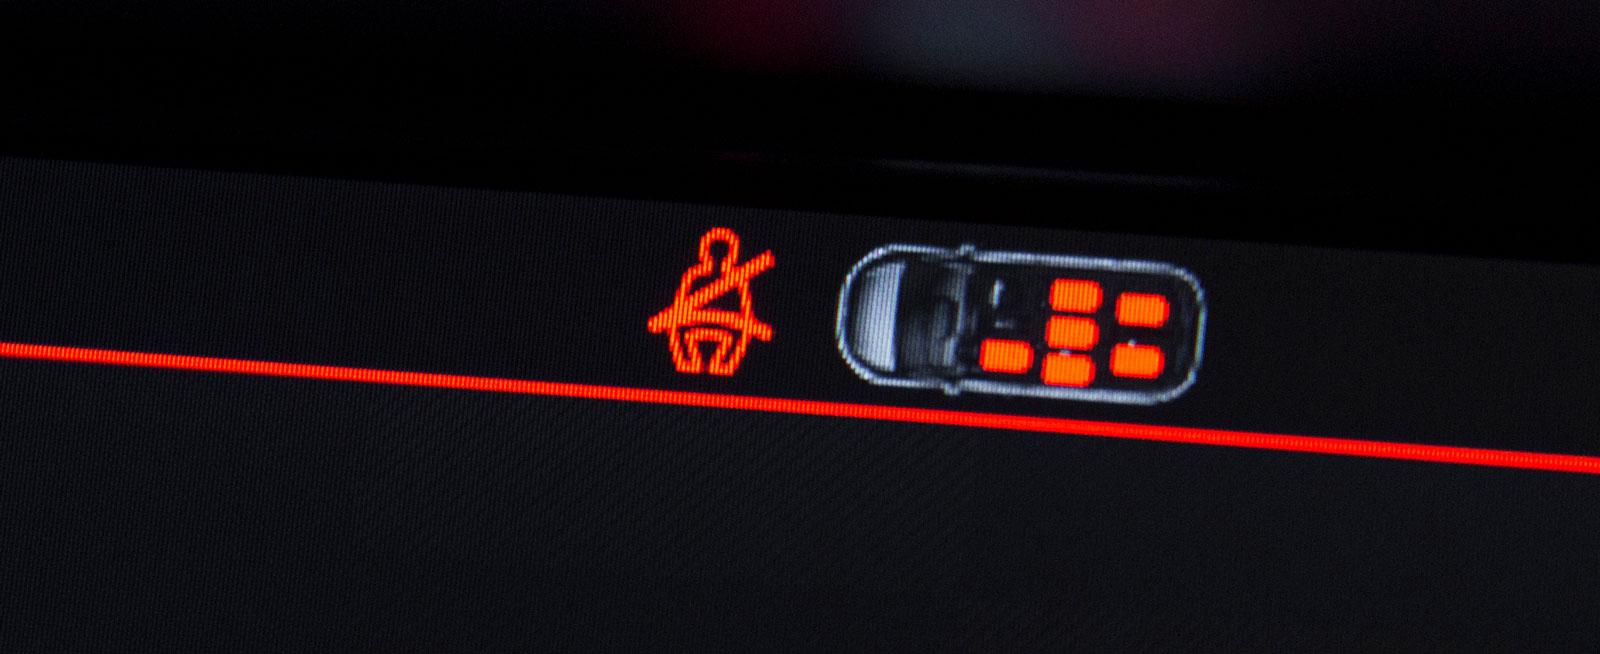 Samtliga har bältesindikator för alla platser. Här Citroën.